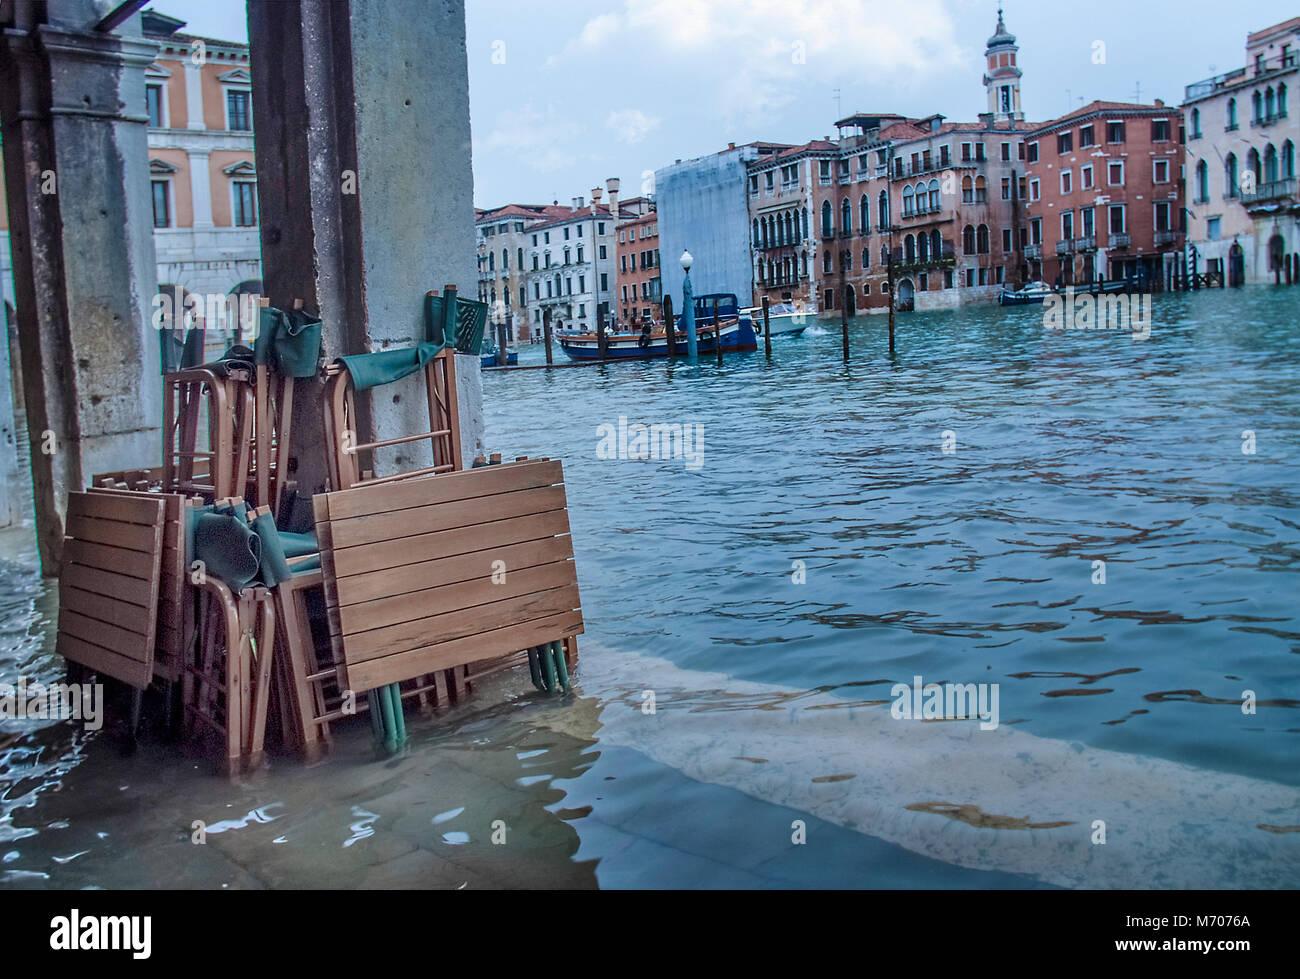 Acqua Alta,Grand Canal, Venice Photo Stock